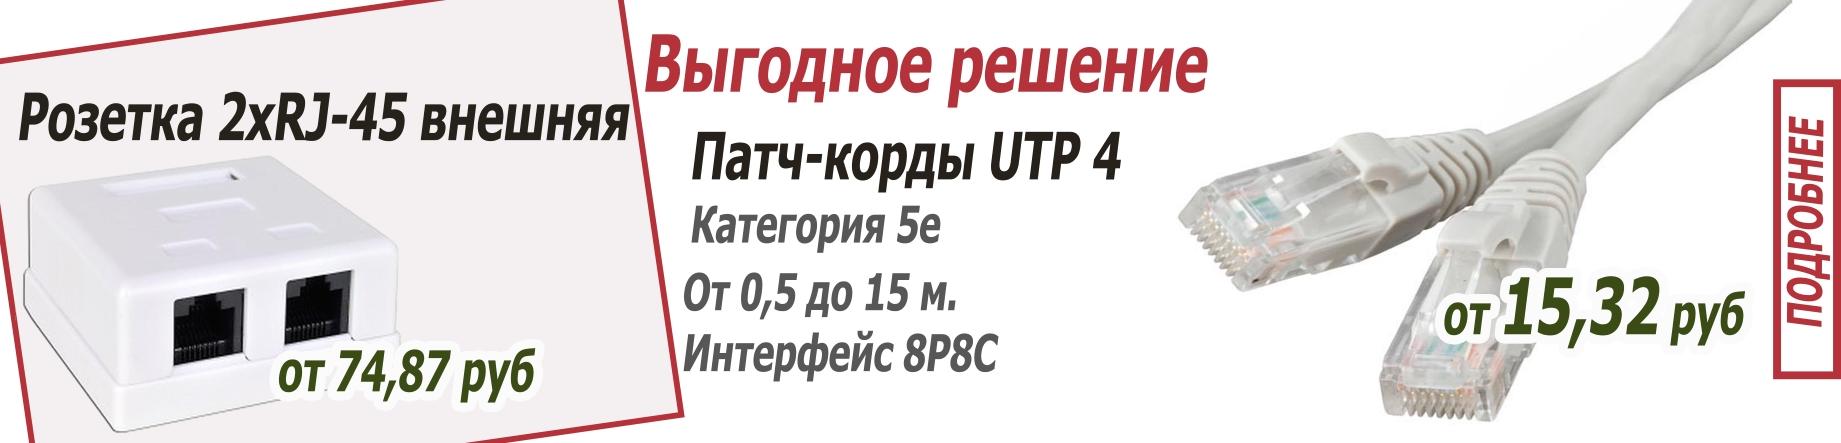 Выгодное предложение патч-корды utp4